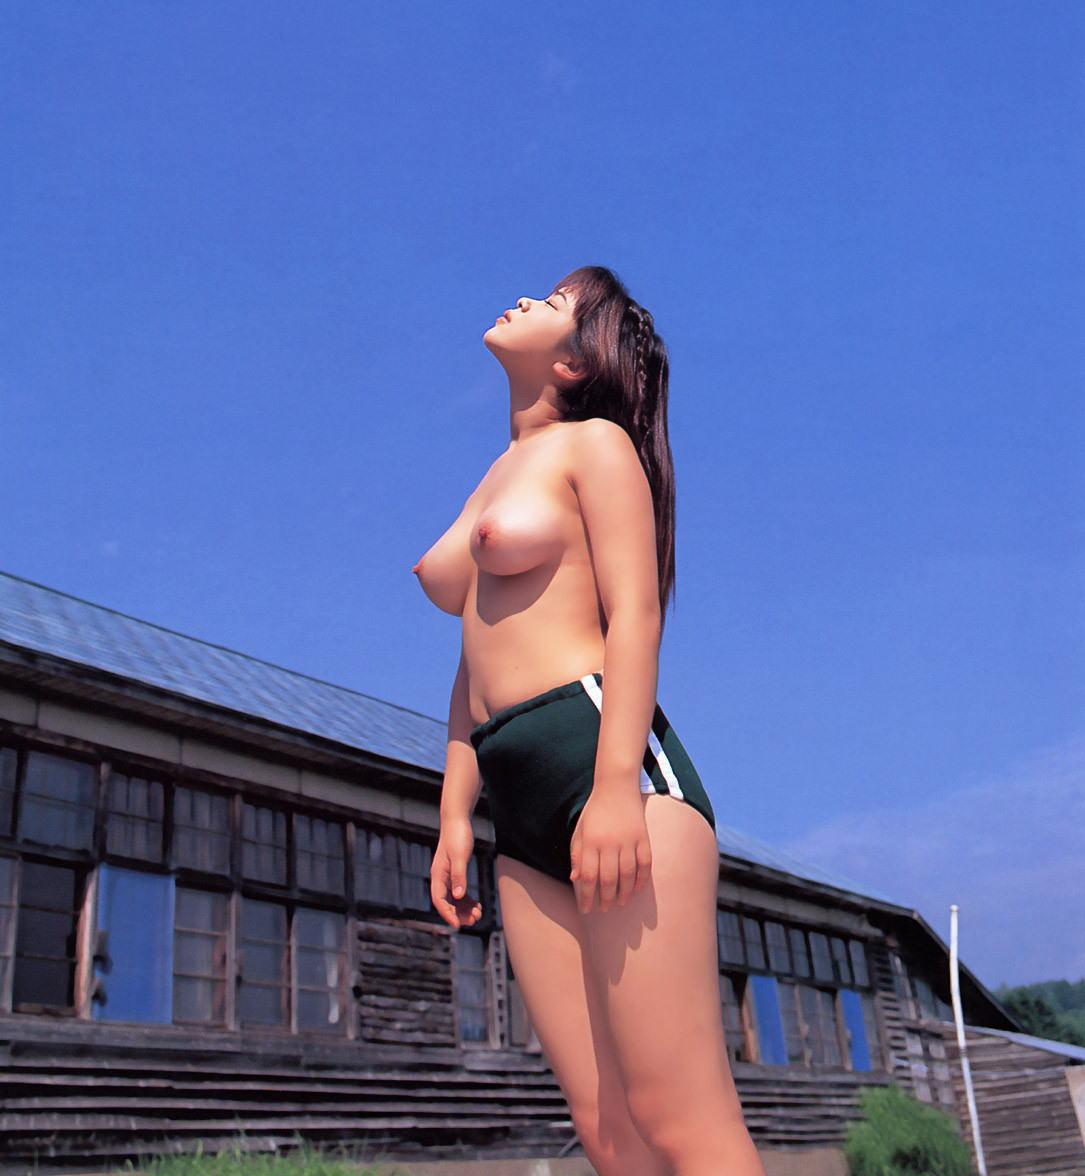 ブルマ一丁 上半身 裸 体操服 トップレス エロ画像【24】